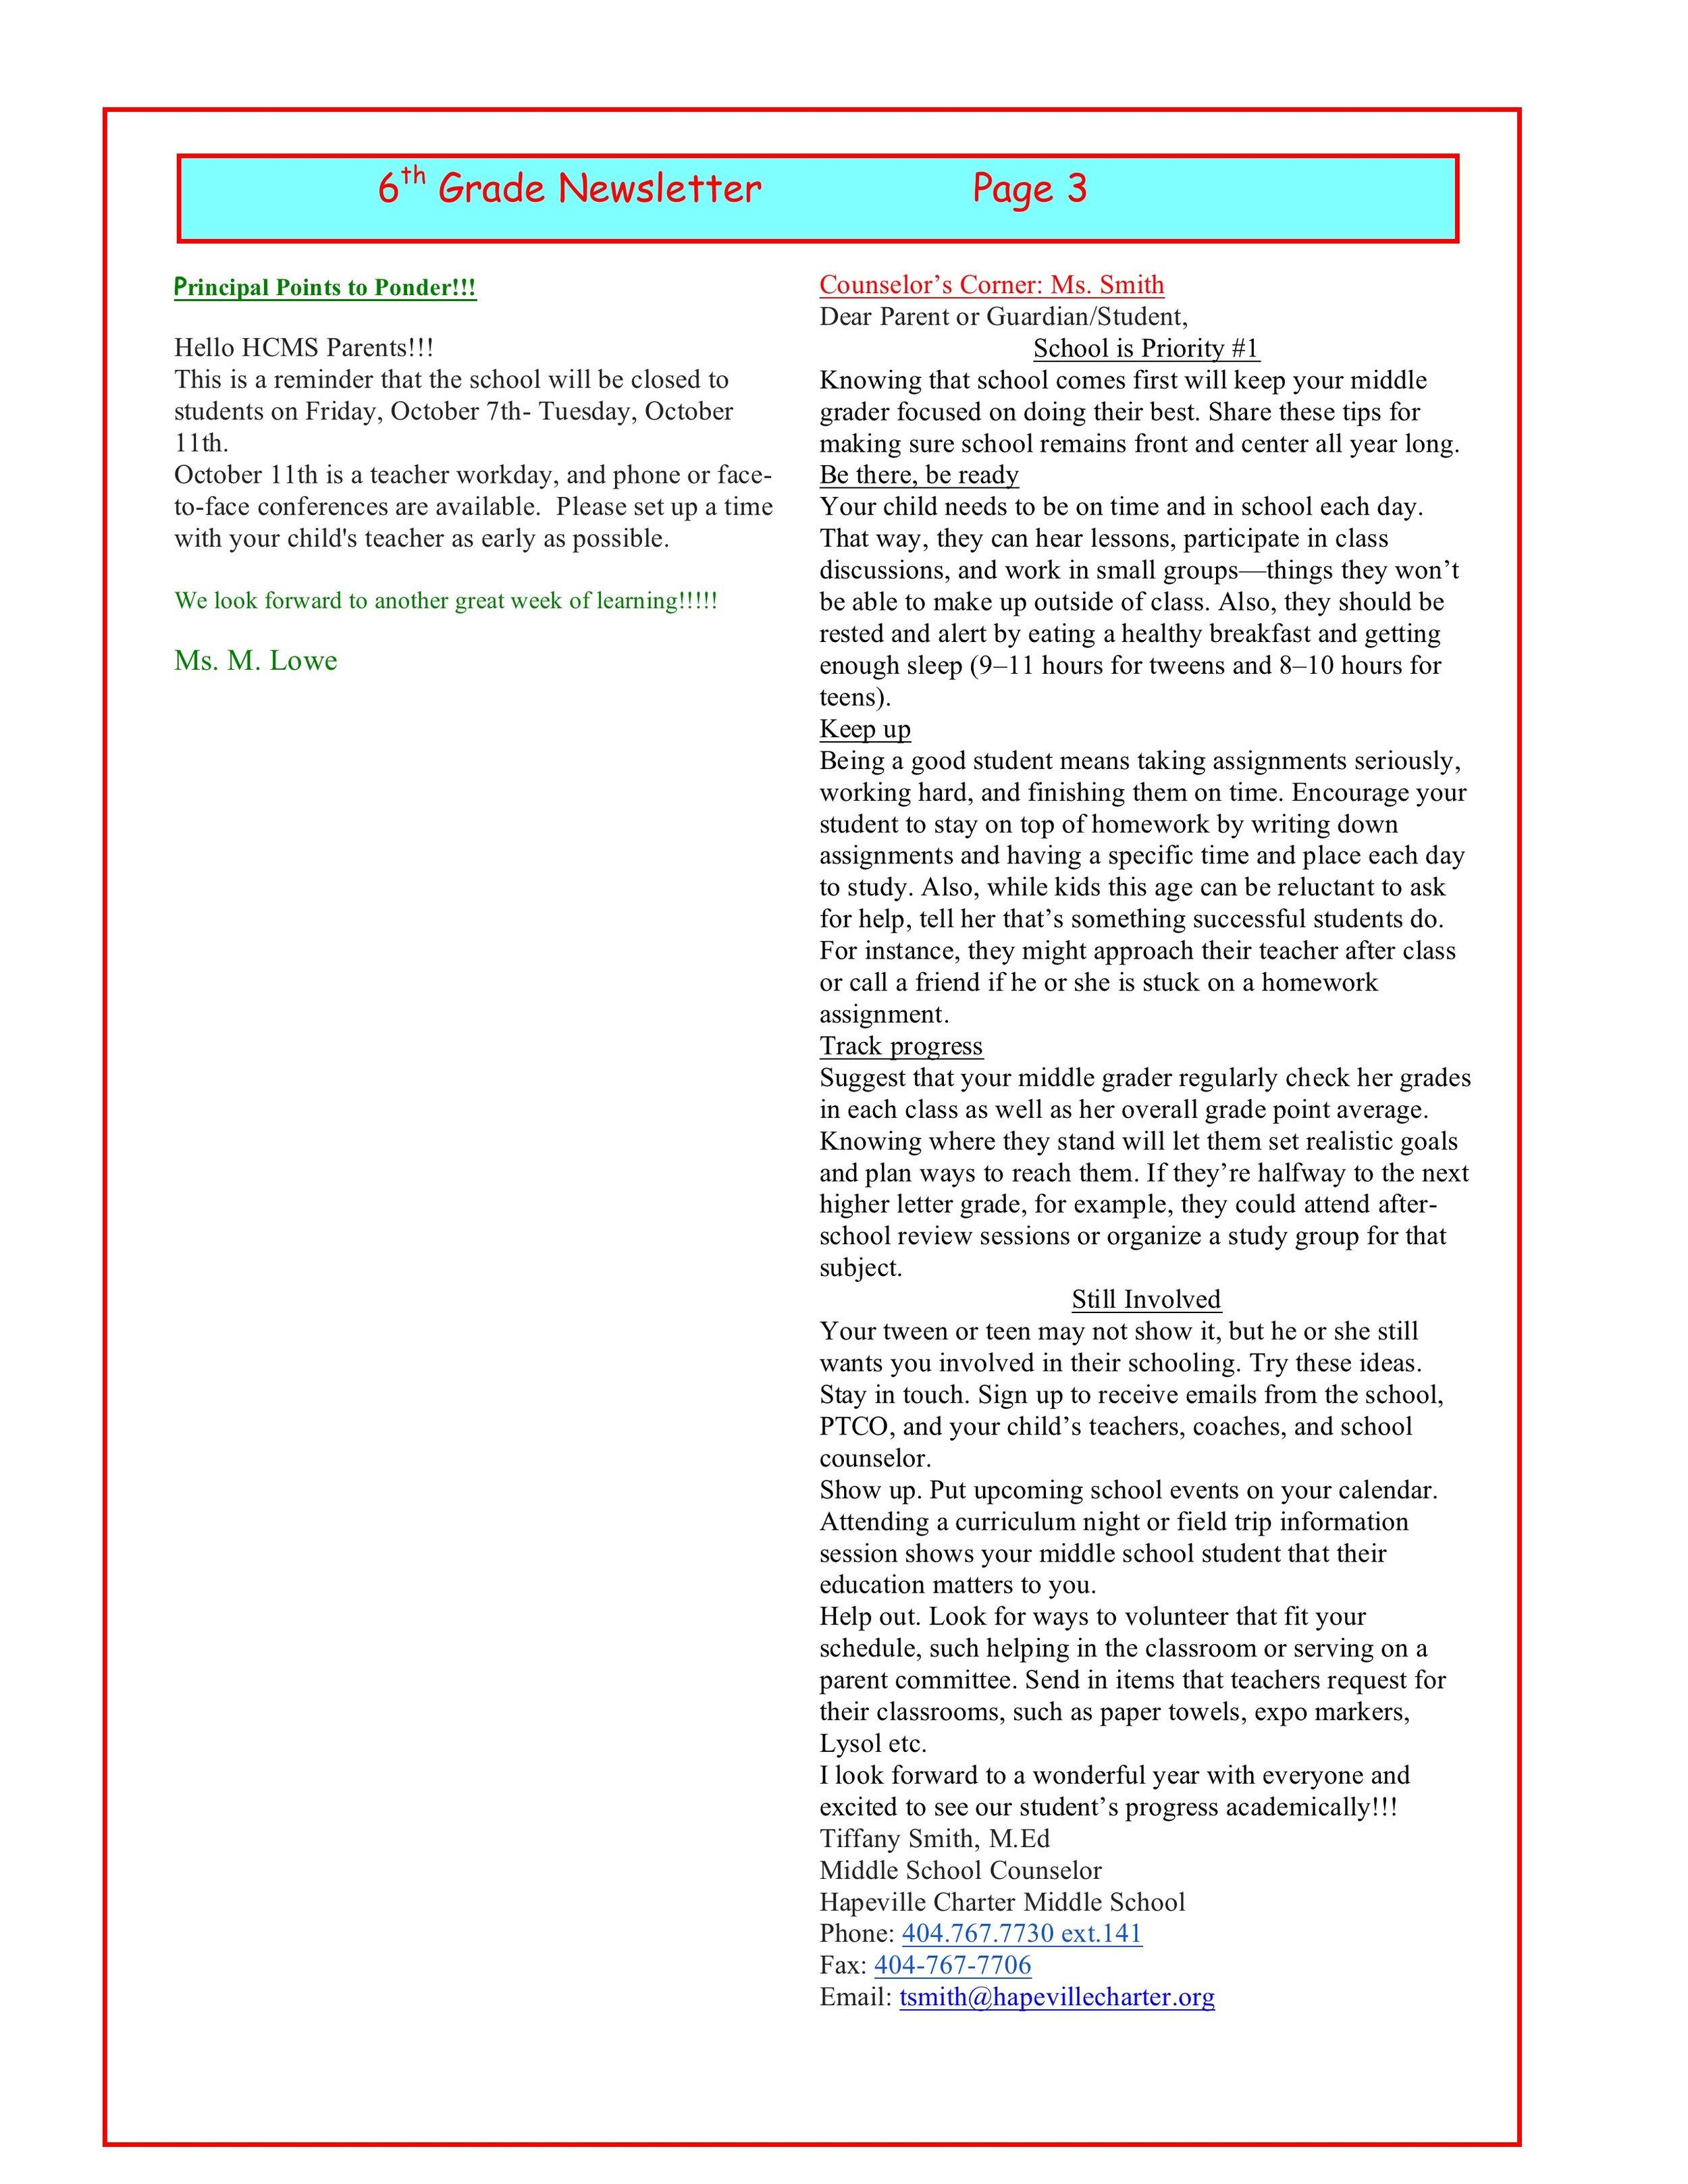 Newsletter Image6th Grade Newsletter 10.3.2016 3.jpeg